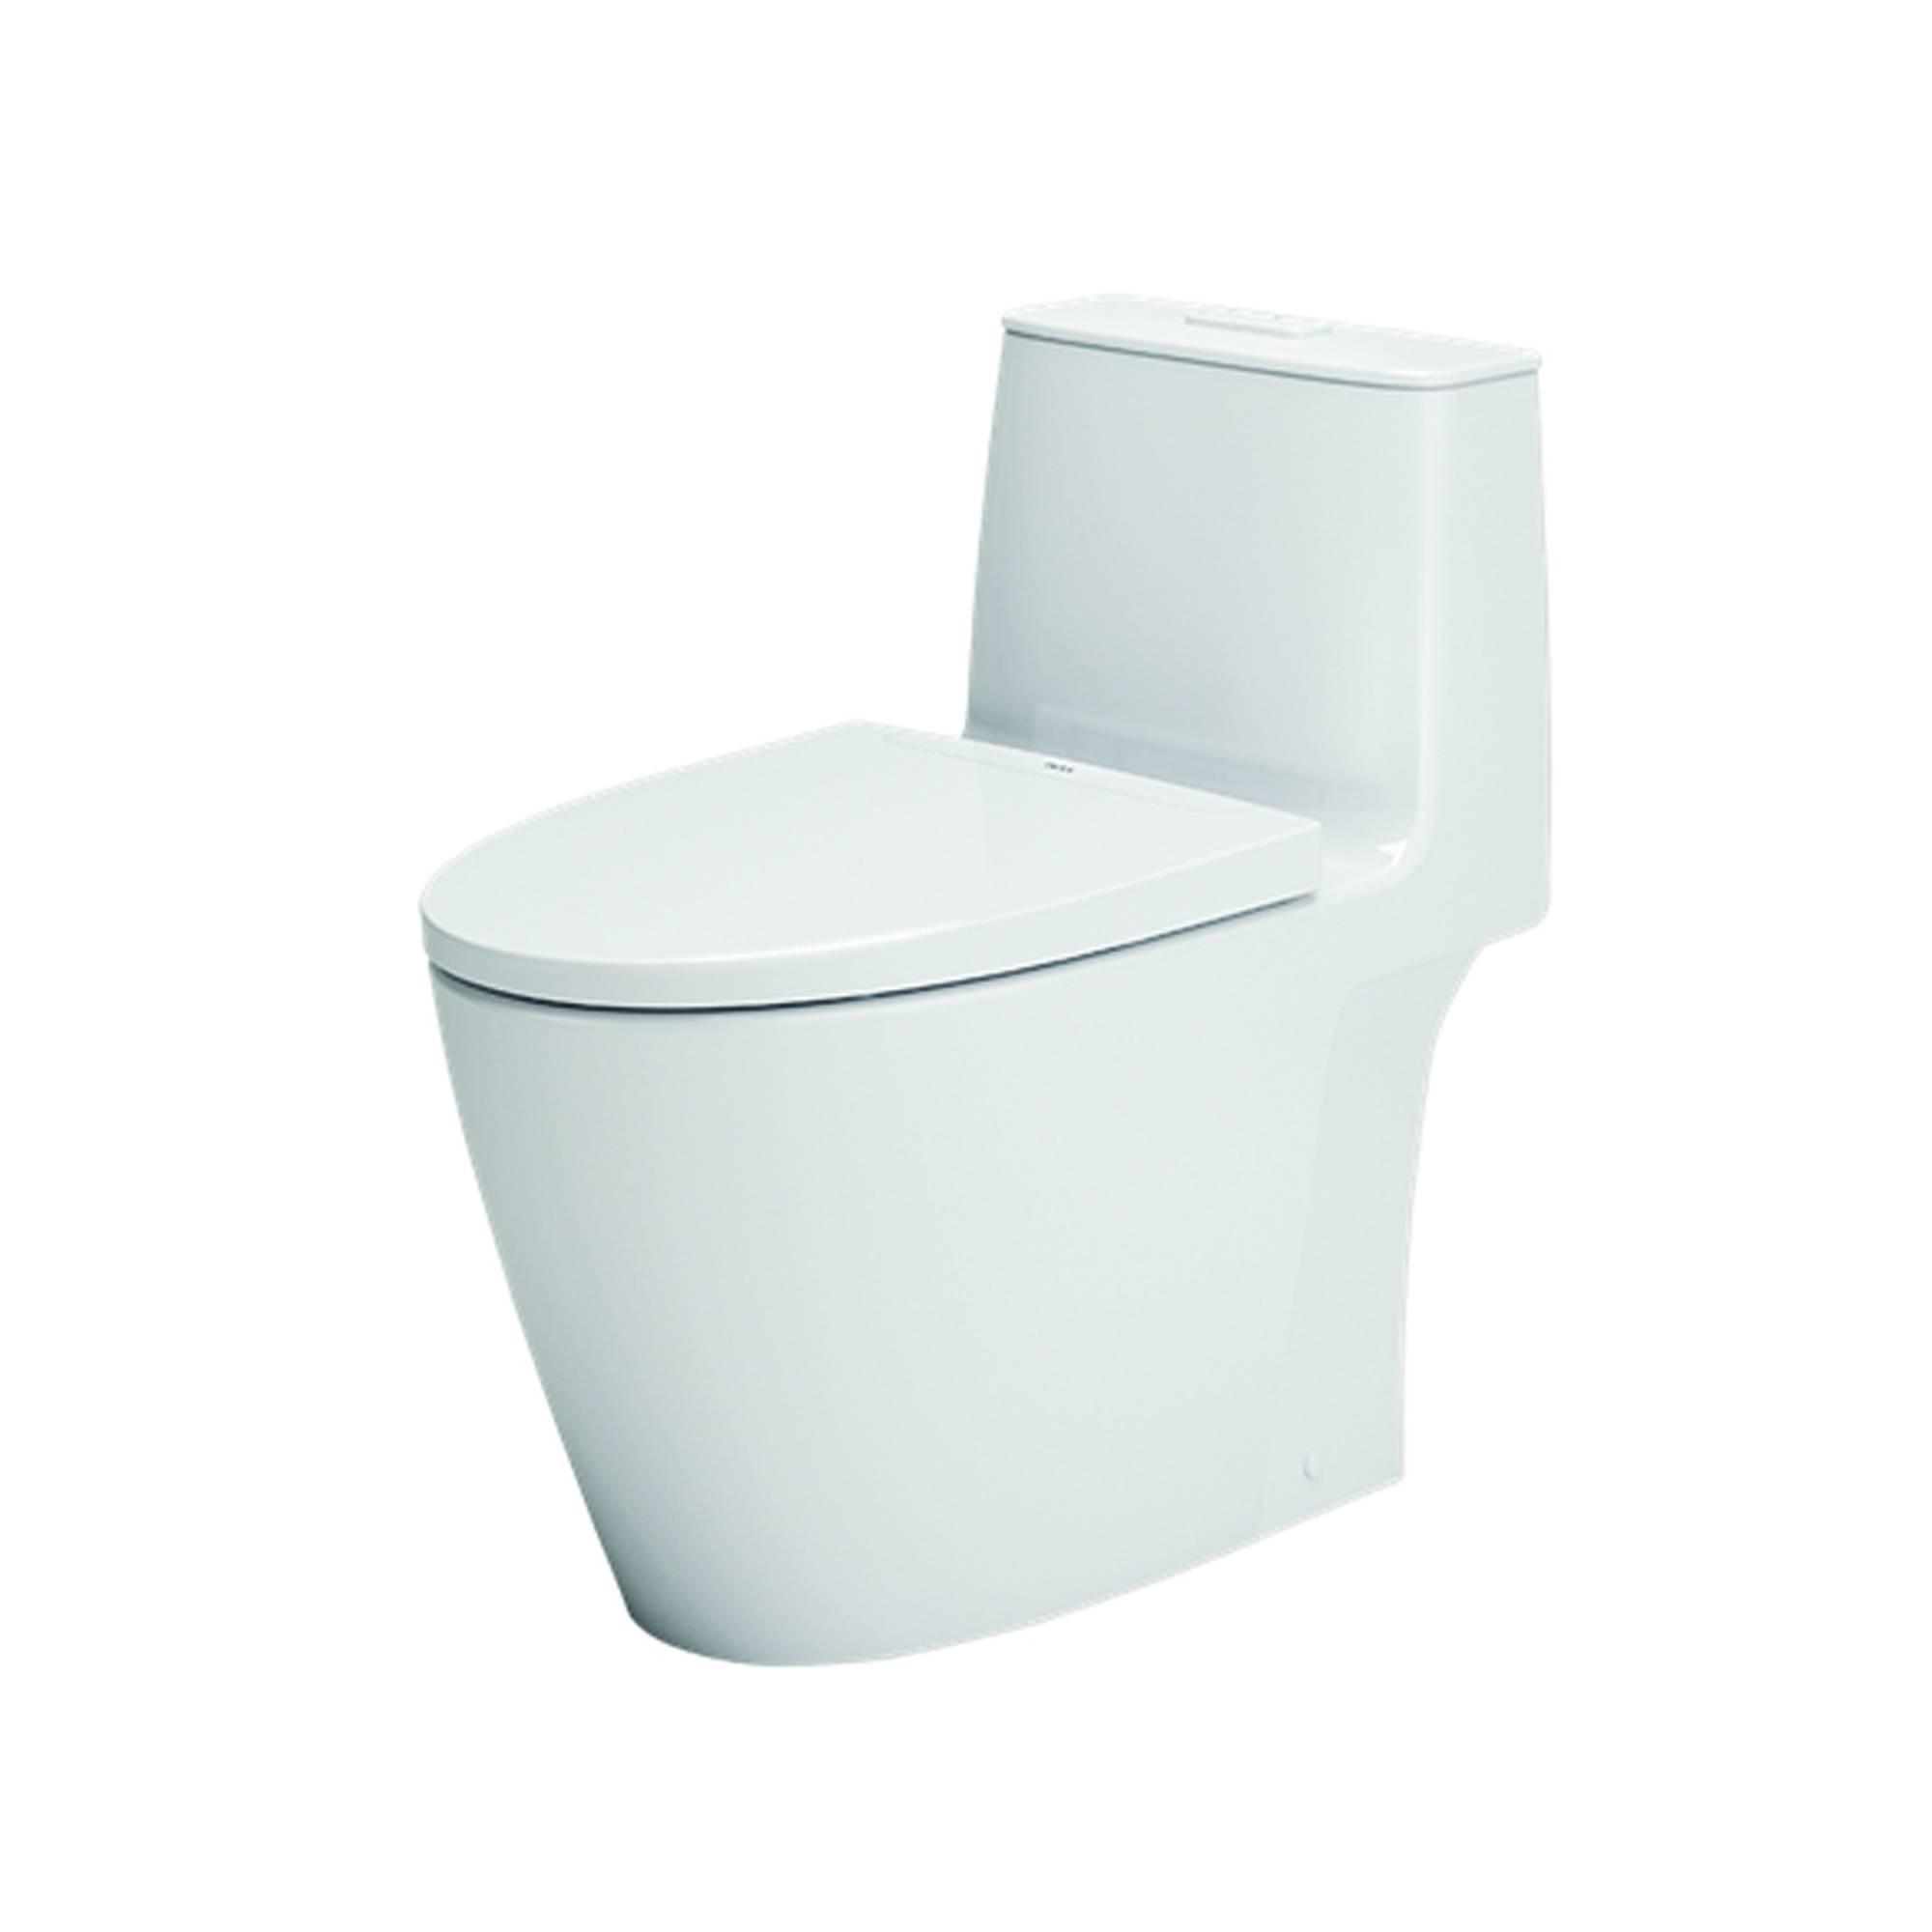 Combo phòng tắm INAX S200 LINE - Bộ sưu tập mới